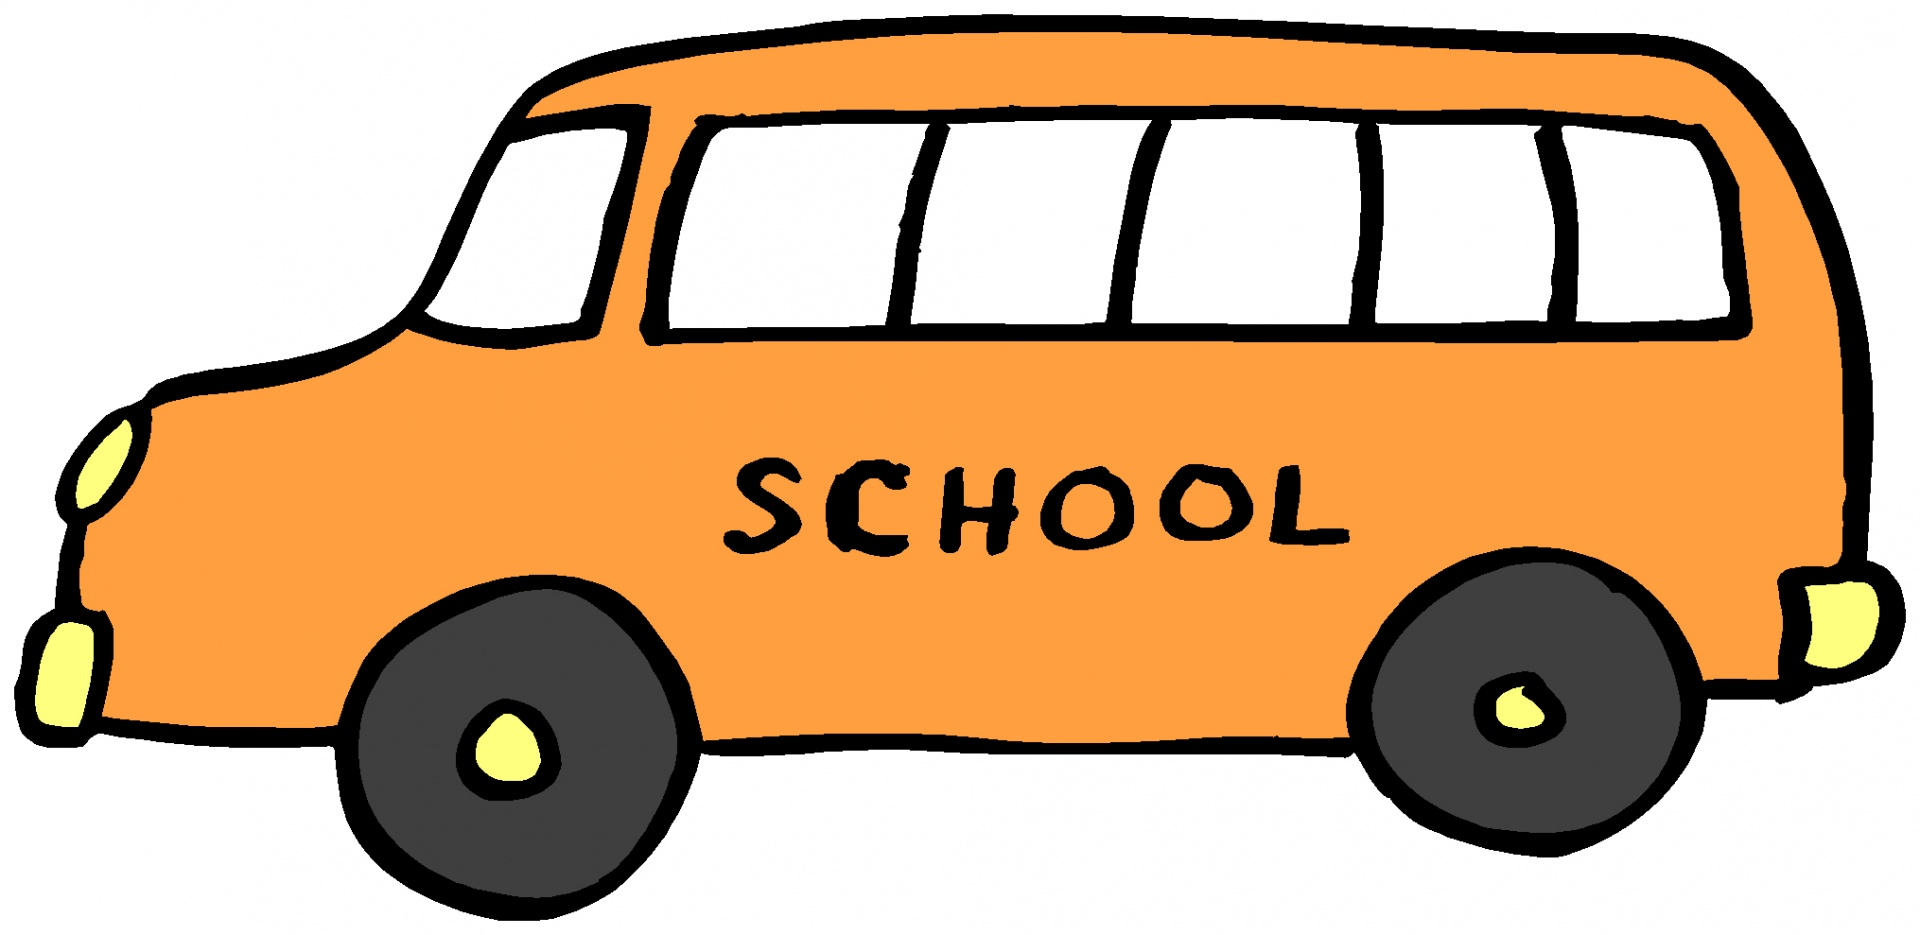 1920x935 School 25 Free Stock Photo